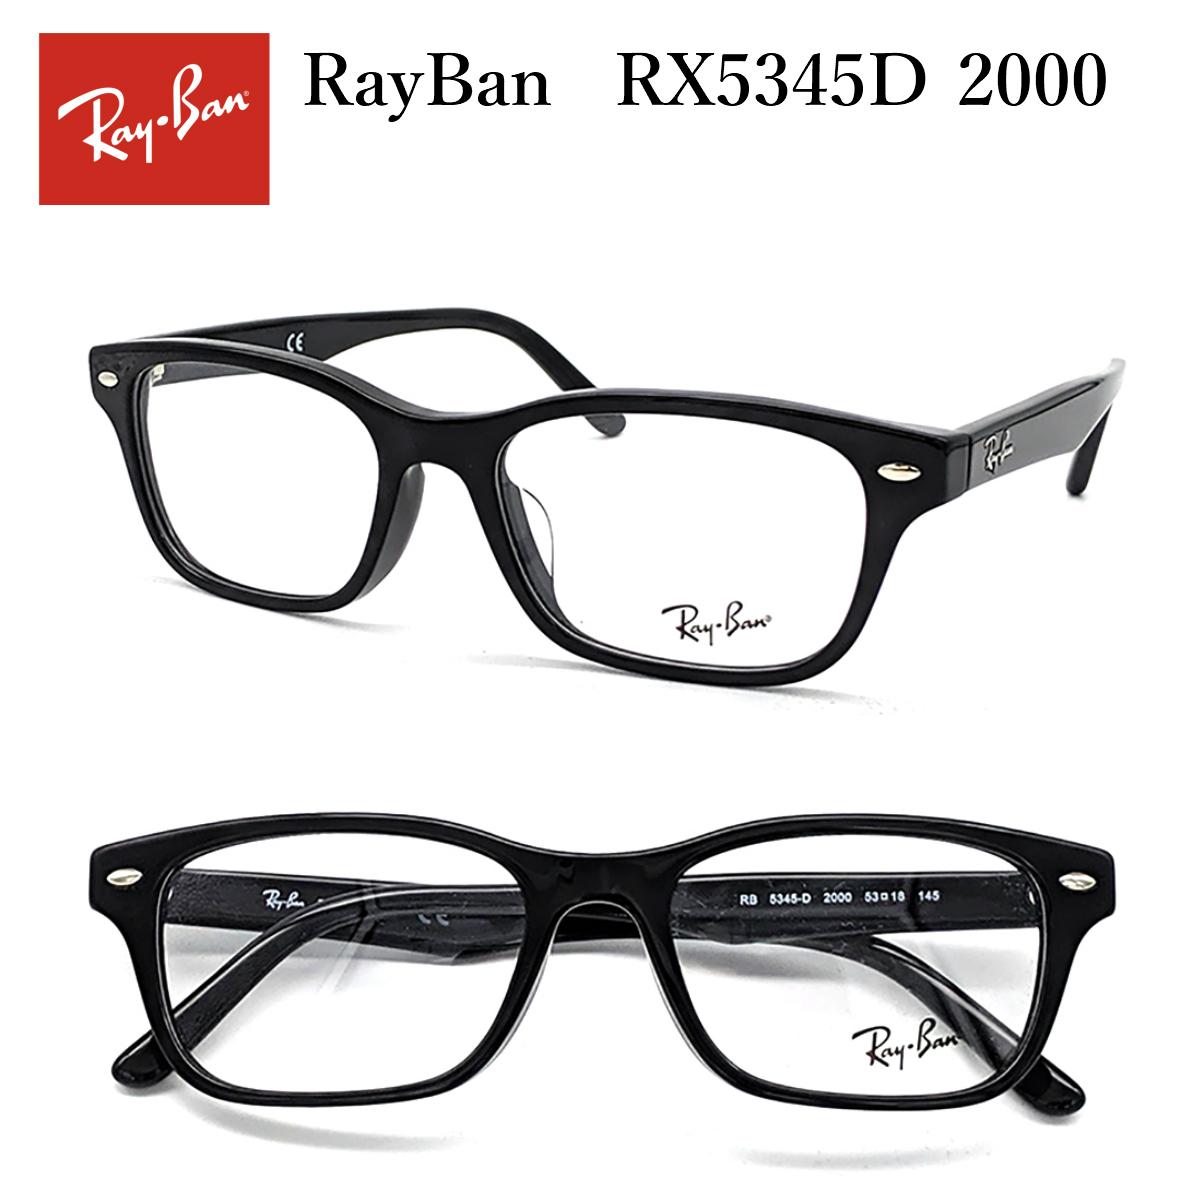 【正規品】 レイバン メガネ フレーム RayBan RX5345D (RB5345D) 2000 眼鏡 めがね 度付き対応 送料無料 定番 人気 オススメ 黒縁 黒 スクエア シャープ ビジネス カジュアル メンズ レディース 男性 女性 父の日 プレゼント